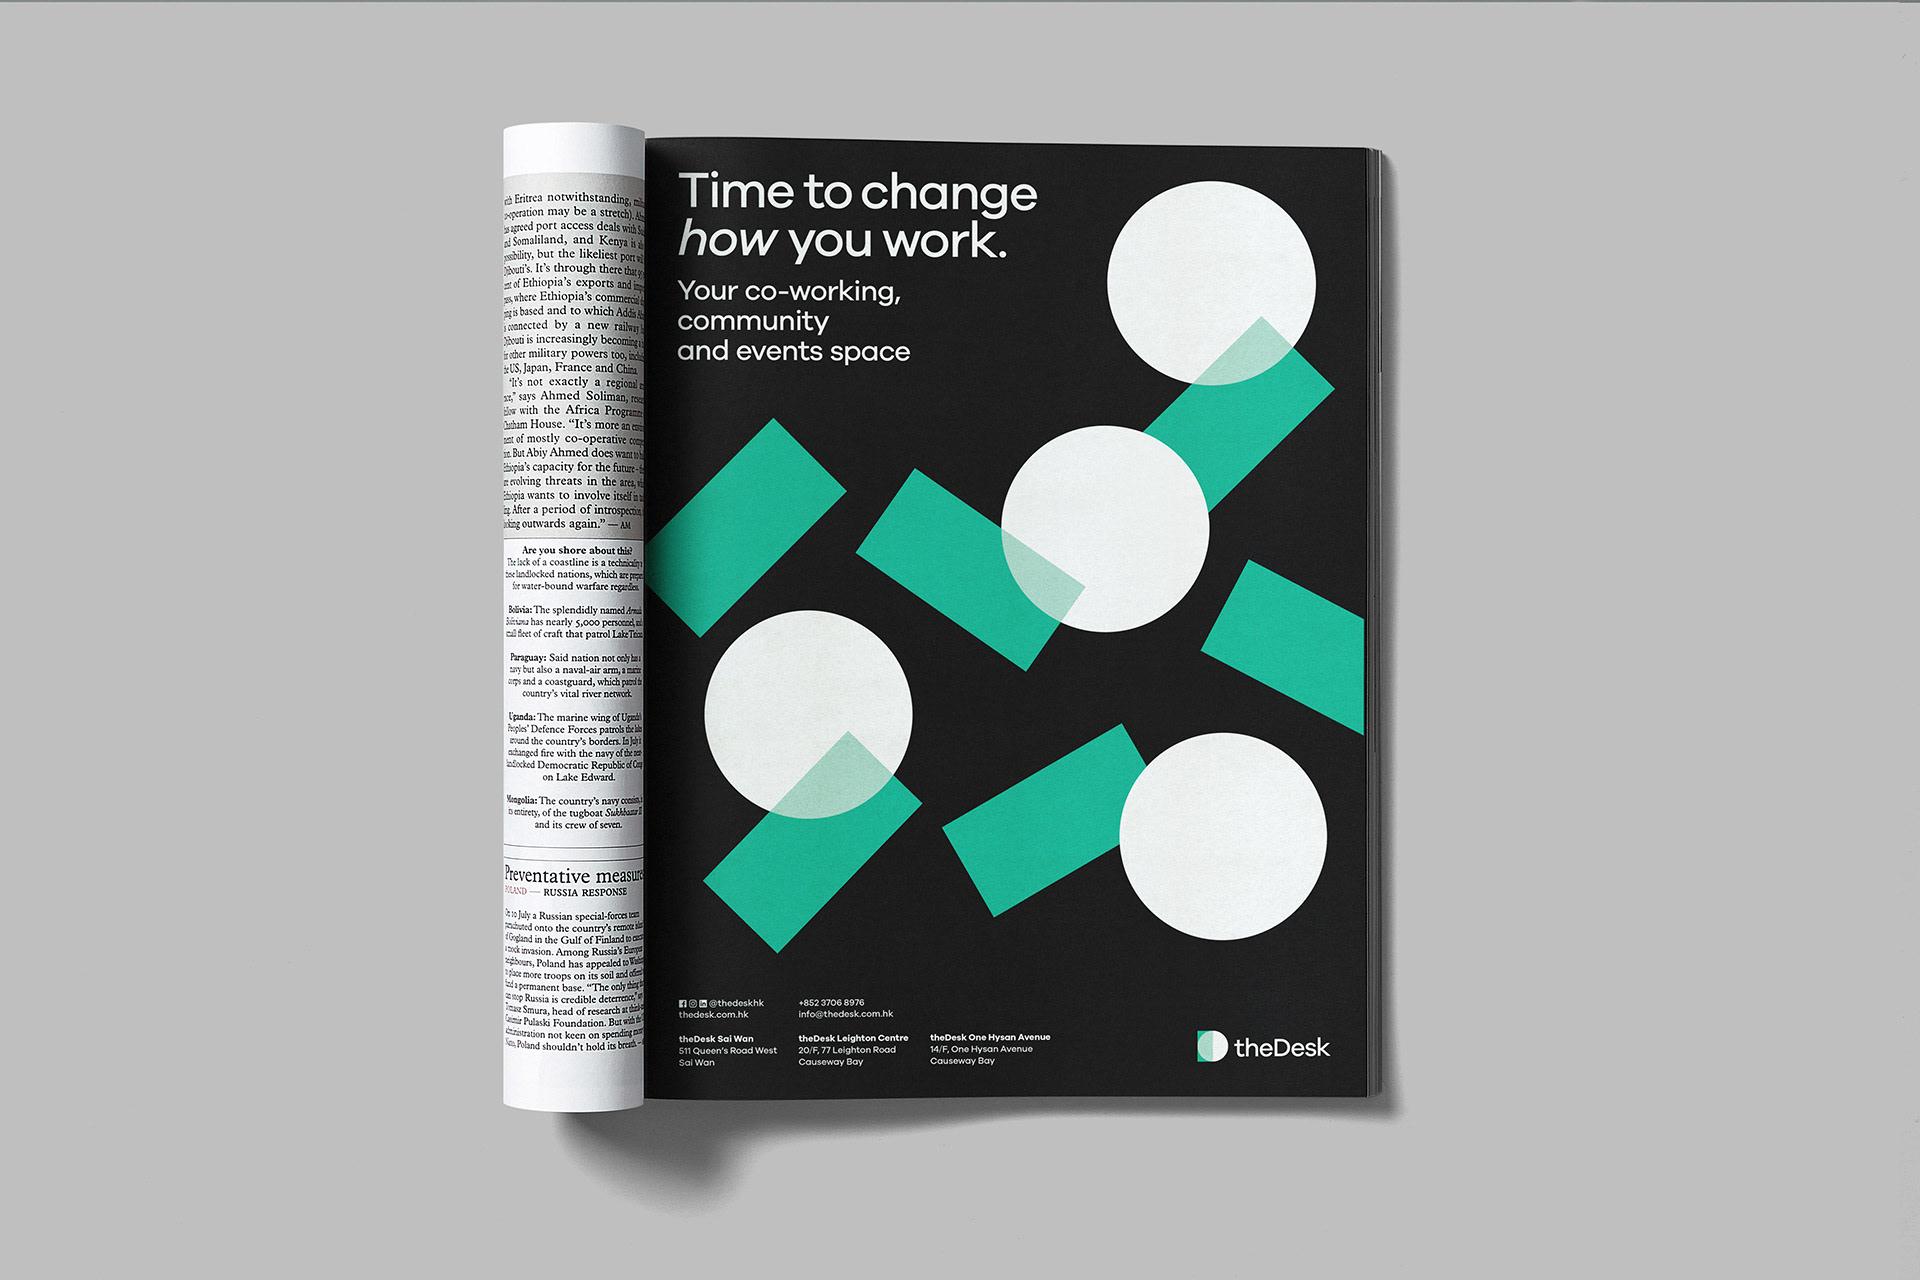 香港联合办公品牌theDesk视觉形象设计